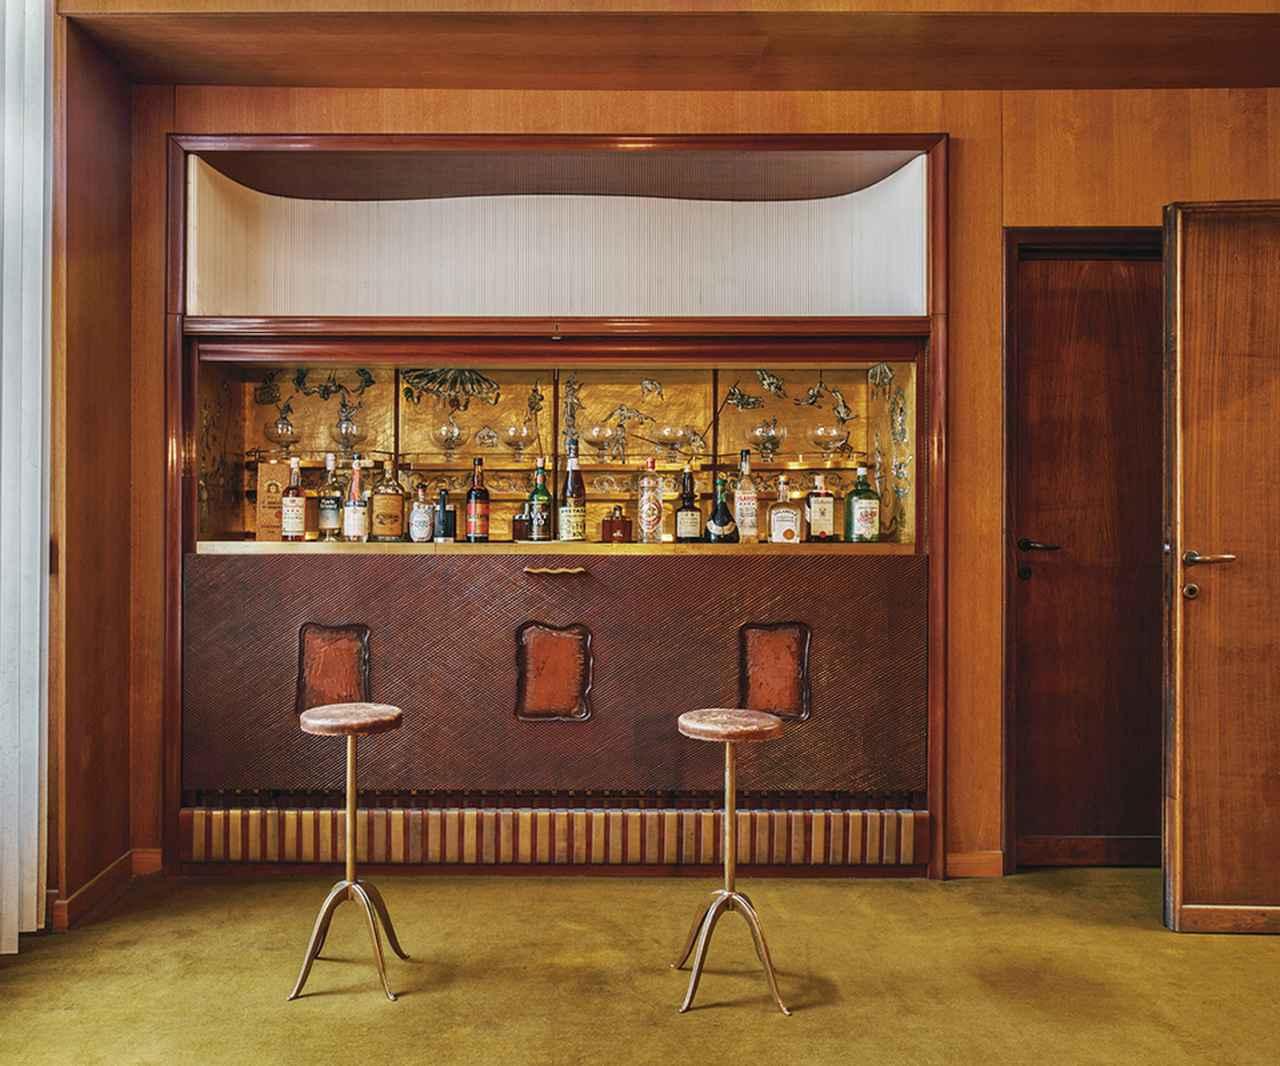 Images : 10番目の画像 - 「ボルサーニ家の邸宅に見る イタリア・モダニズムの軌跡」のアルバム - T JAPAN:The New York Times Style Magazine 公式サイト